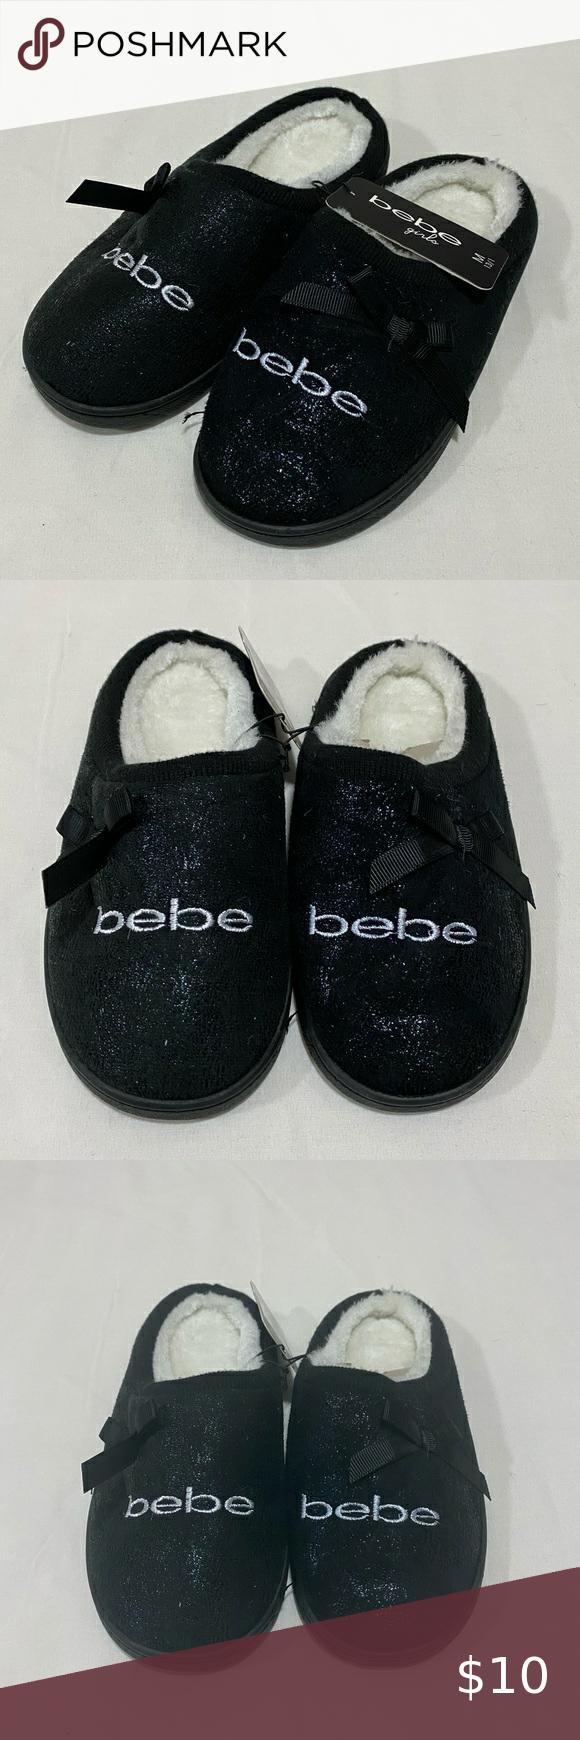 Brand New bebe Girls Slippers Black